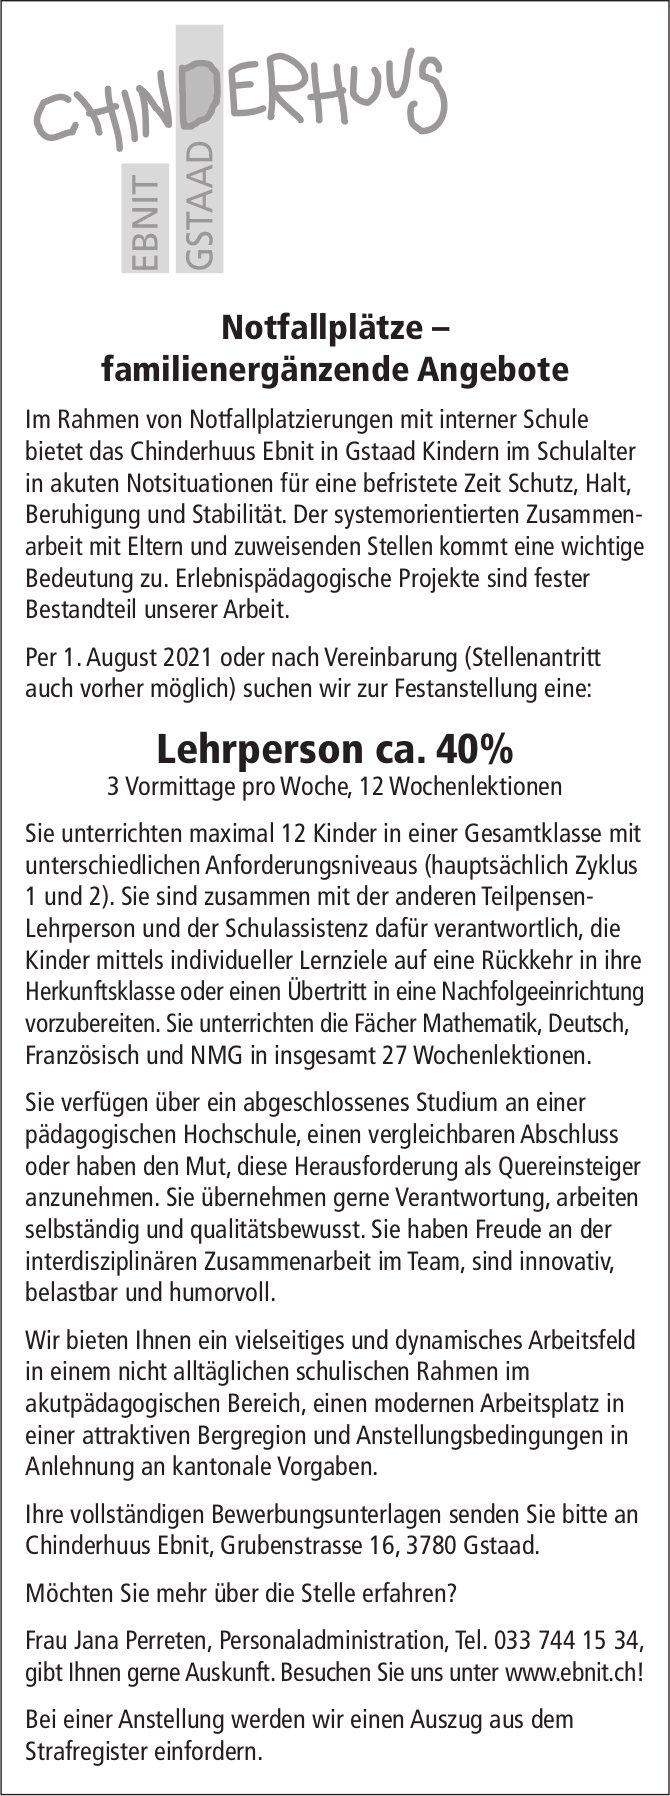 Lehrperson ca. 40%, Chinderhuus Ebnit, Gstaad, gesucht